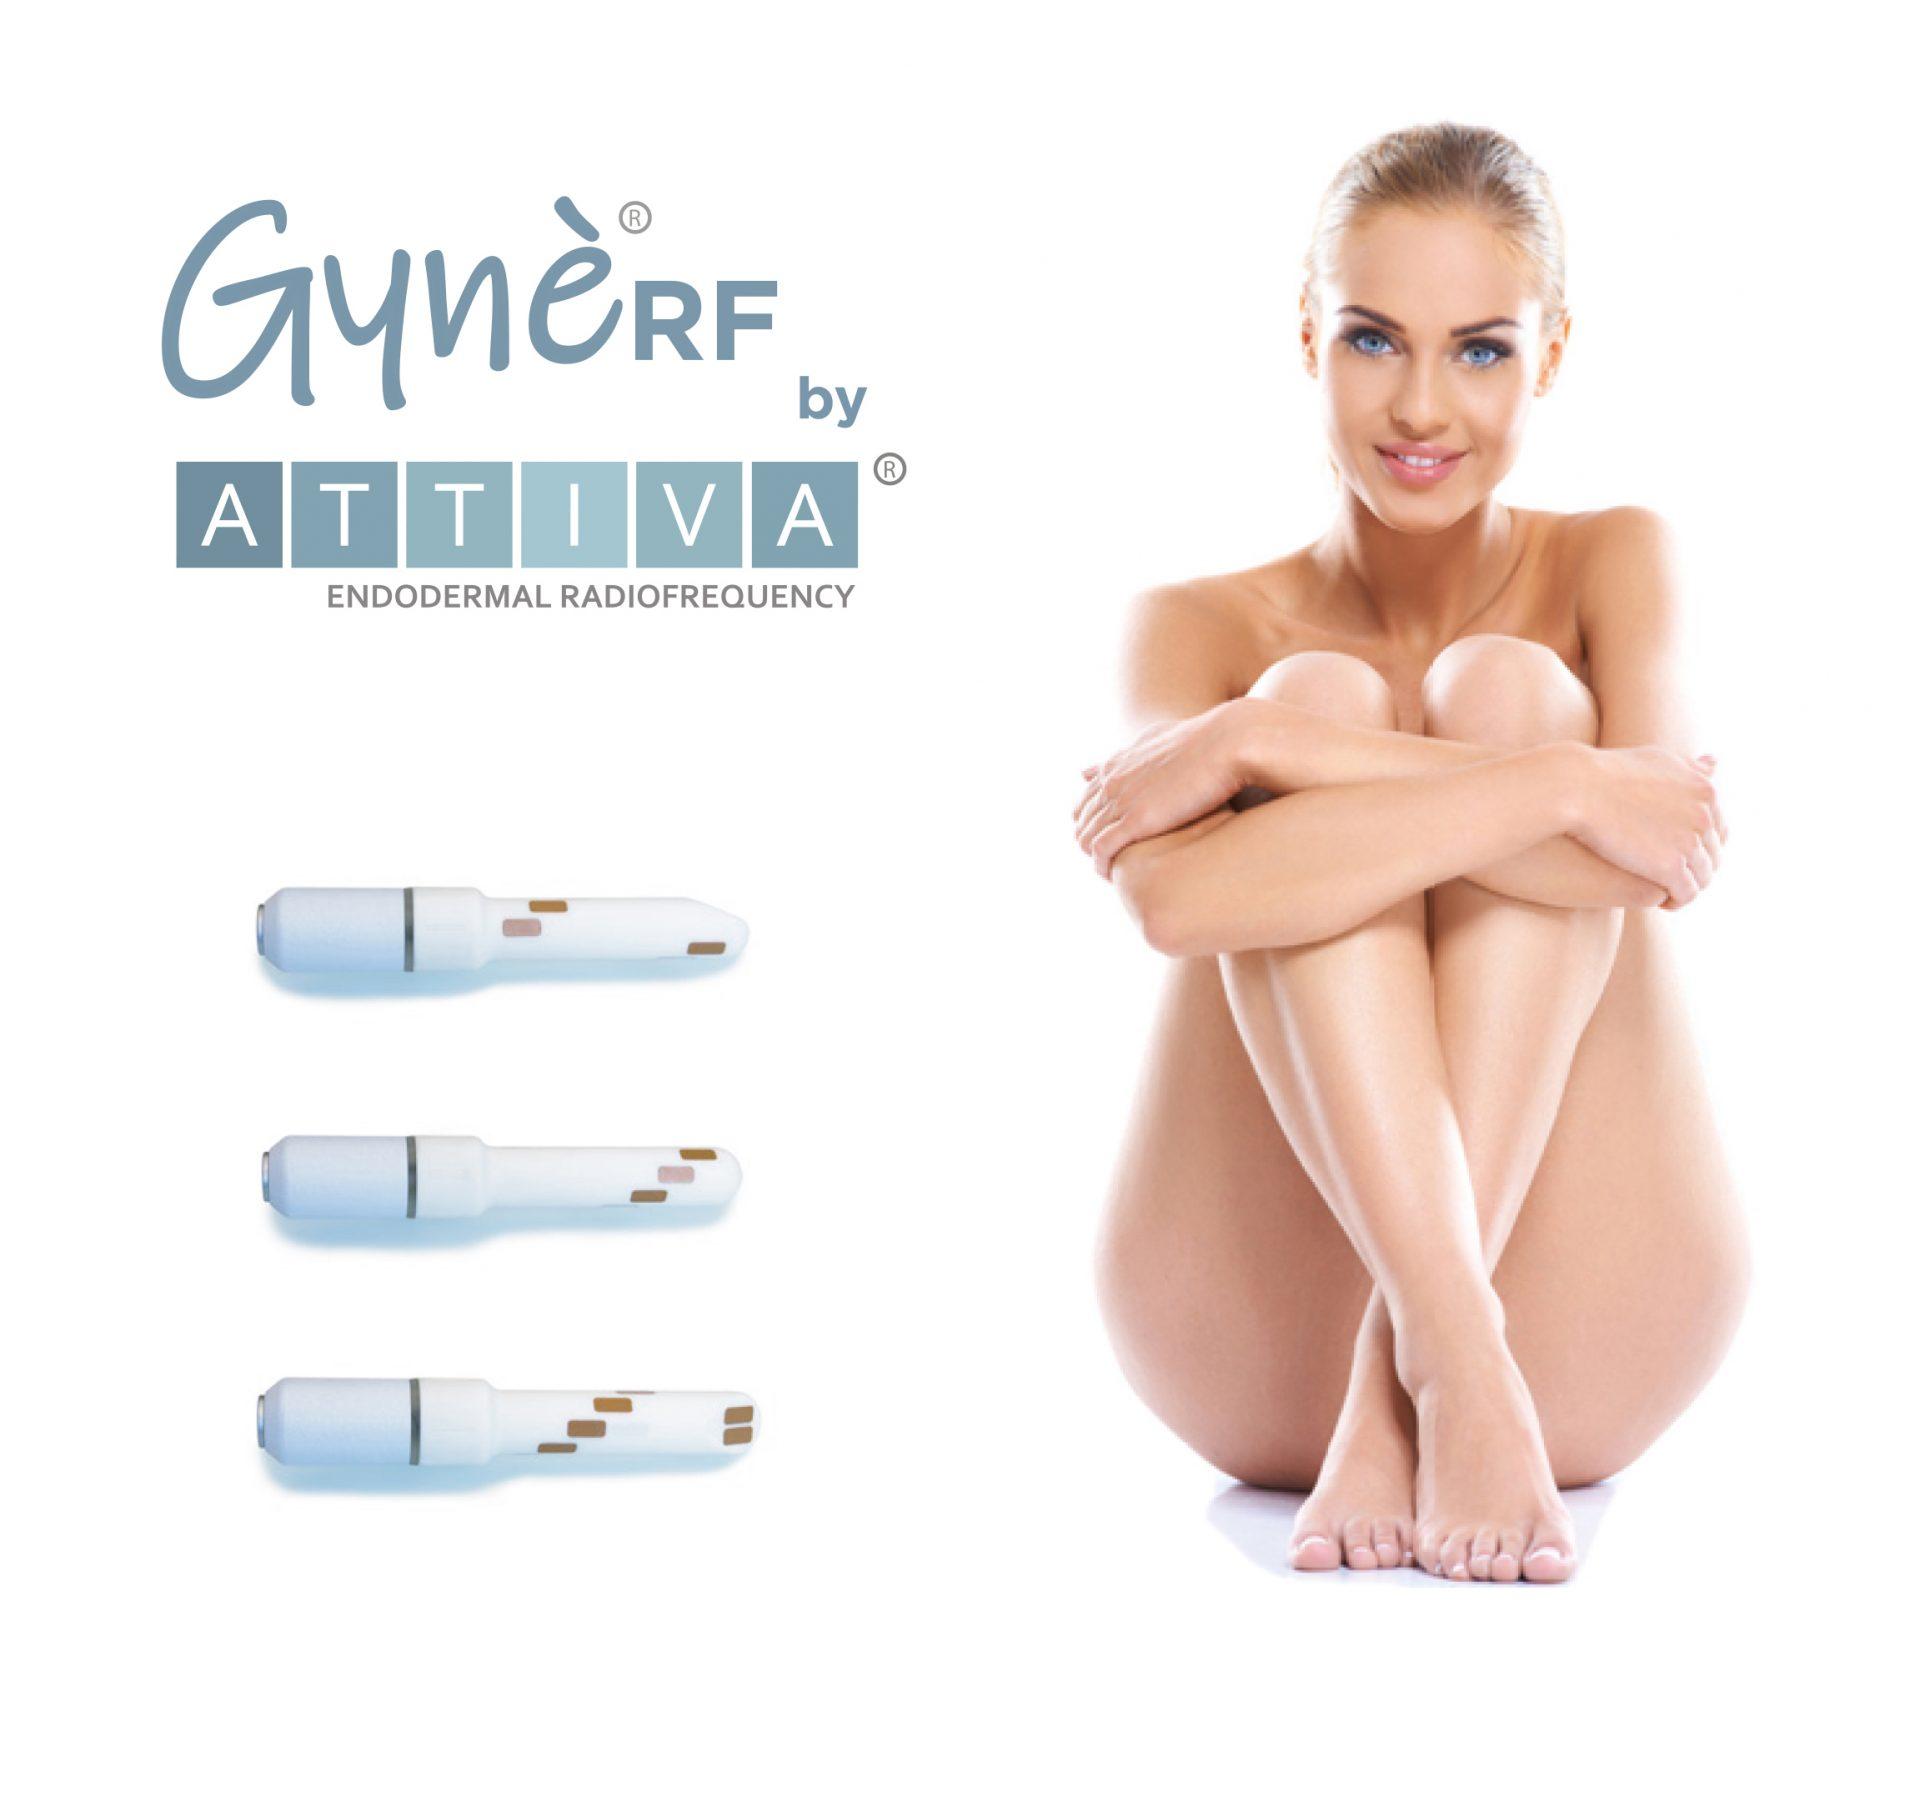 attivarf attiva radiofrecuencia endodérmica combate el envejecimiento, flacidez, grasa, celulitis. Belium Medical distribuidor oficial españa